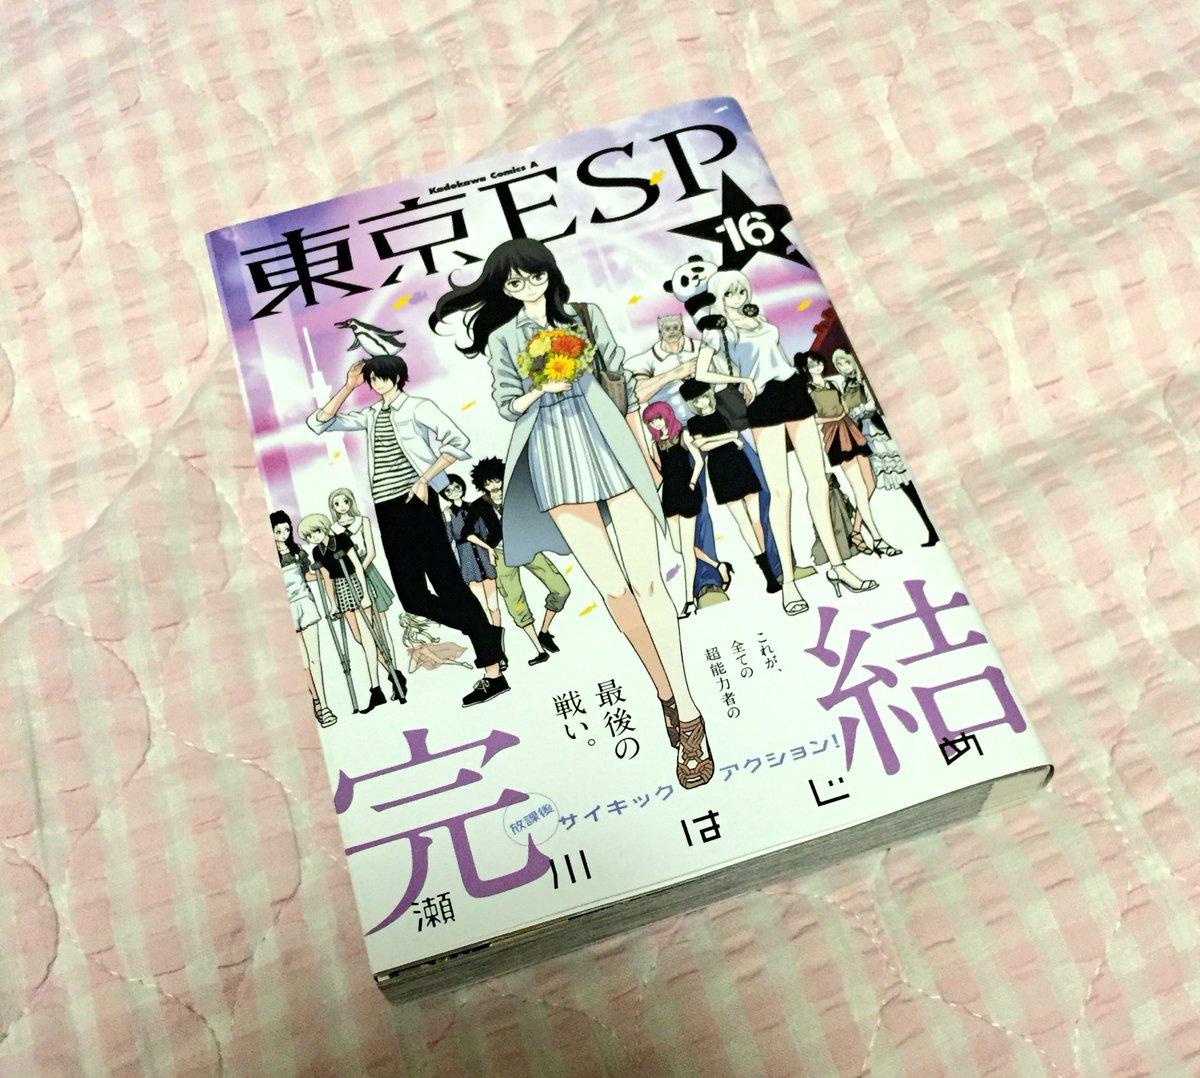 東京ESPの最終巻やっと読めたんだけど、いつの間にか主人公がリンカさんから蓮ちゃんに変わってたよね笑両カップルがハッピー